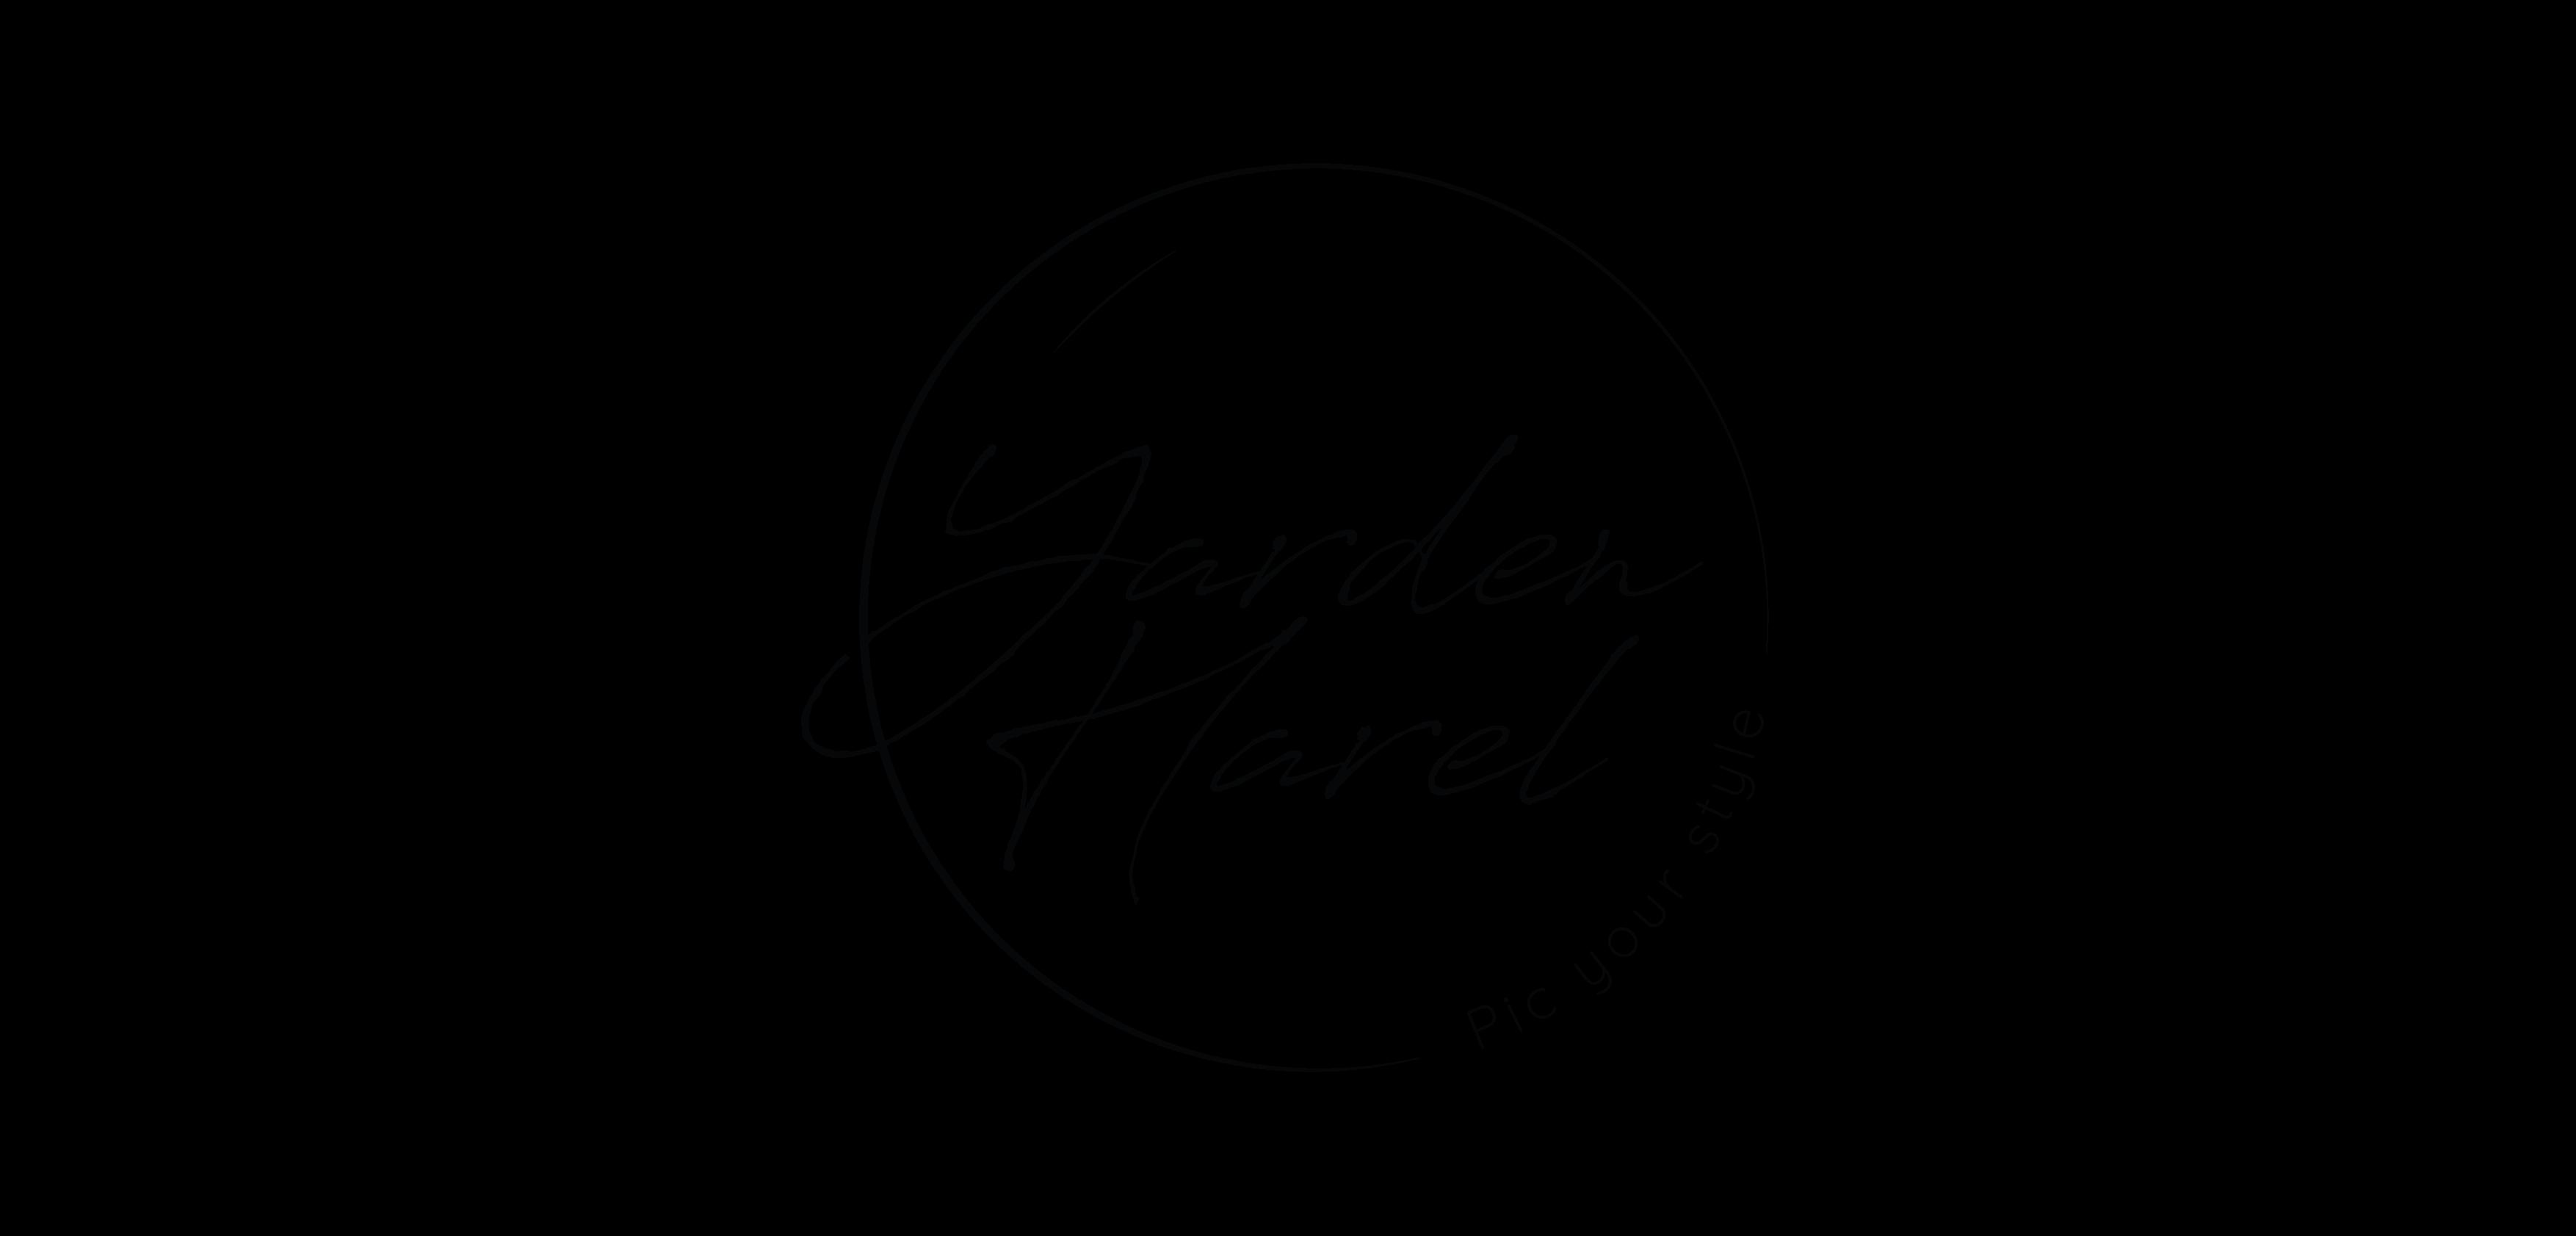 ירדן הראל לוגו חדש